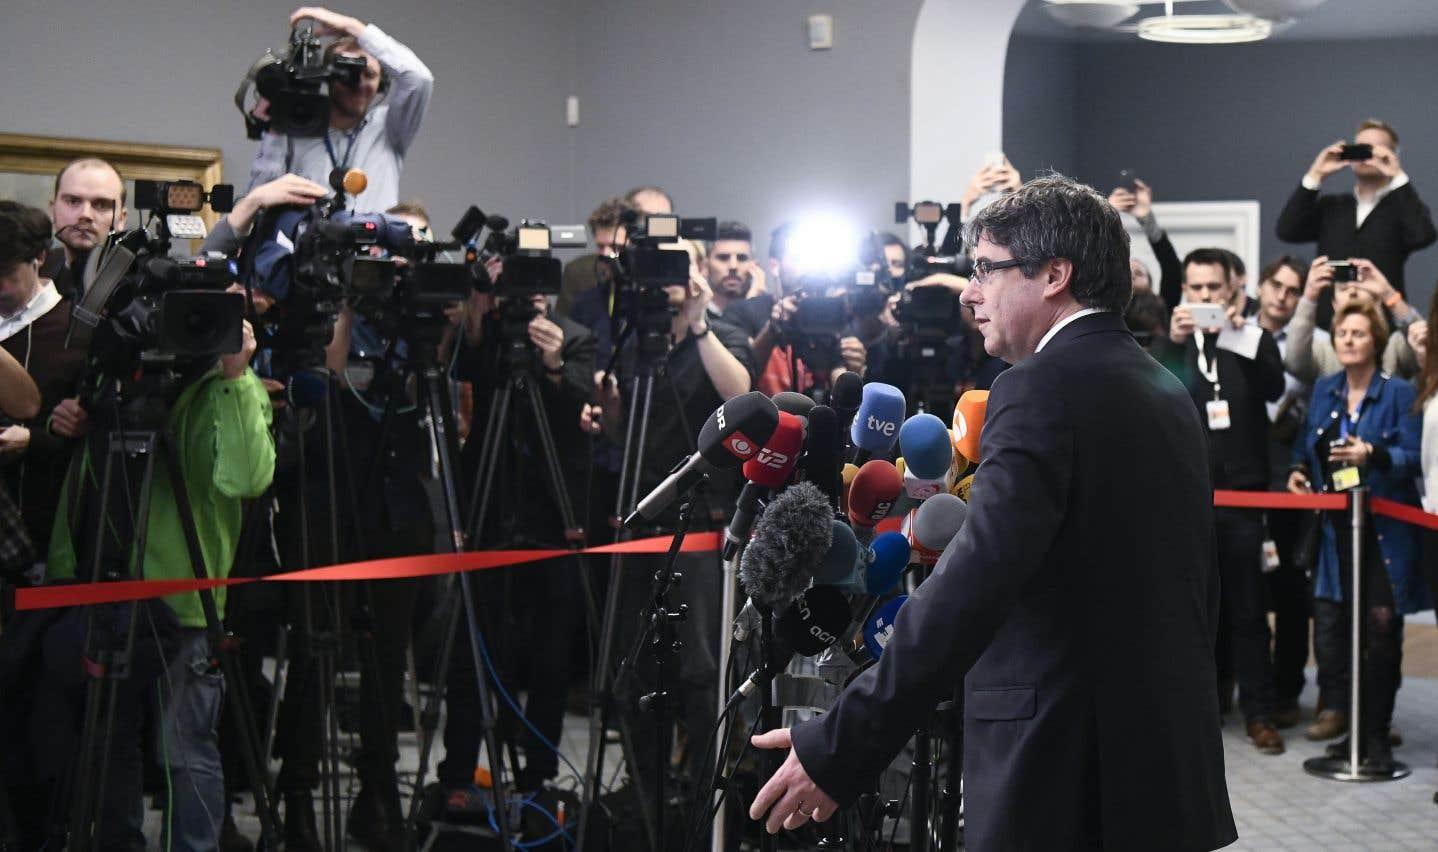 Carles Puigdemont s'est exprimé lorsd'une conférence de presse à Copenhague.